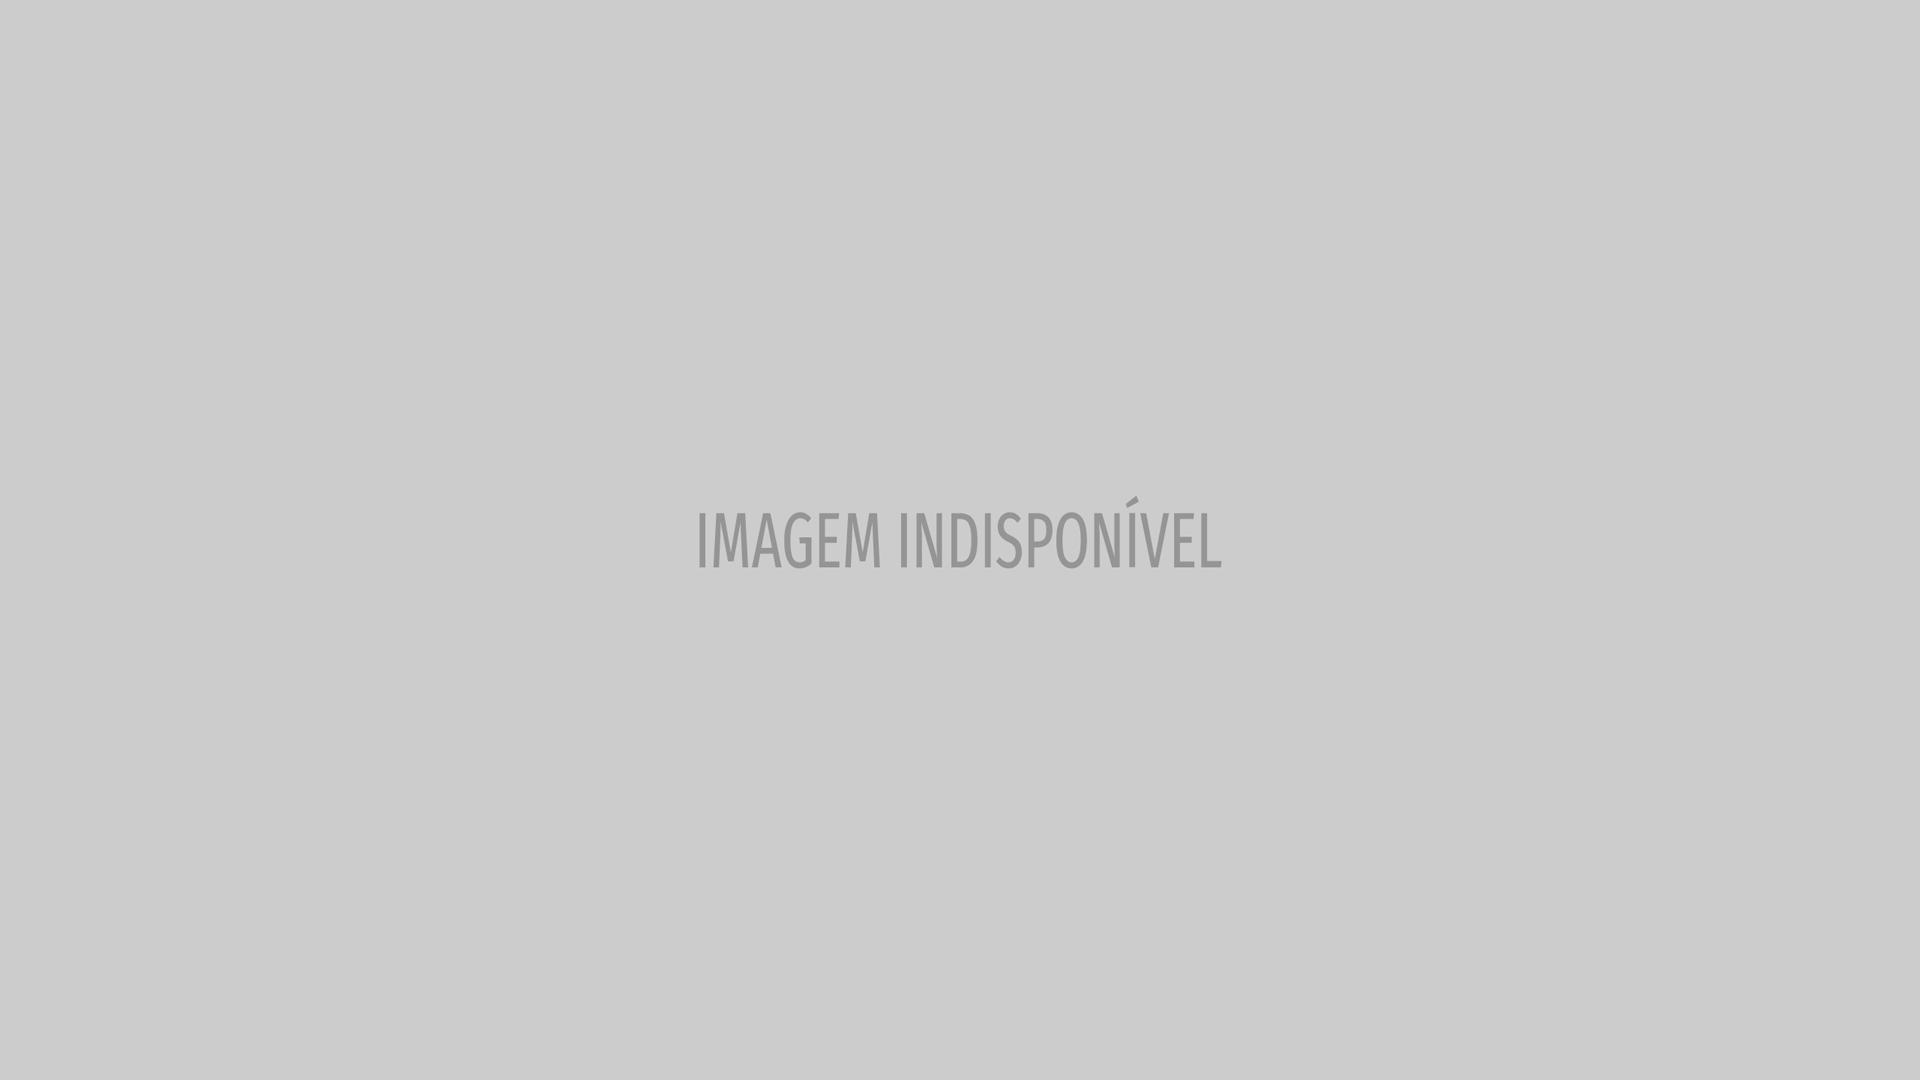 Cleo posa após banho: 'Fico achando defeitos na cara sim'